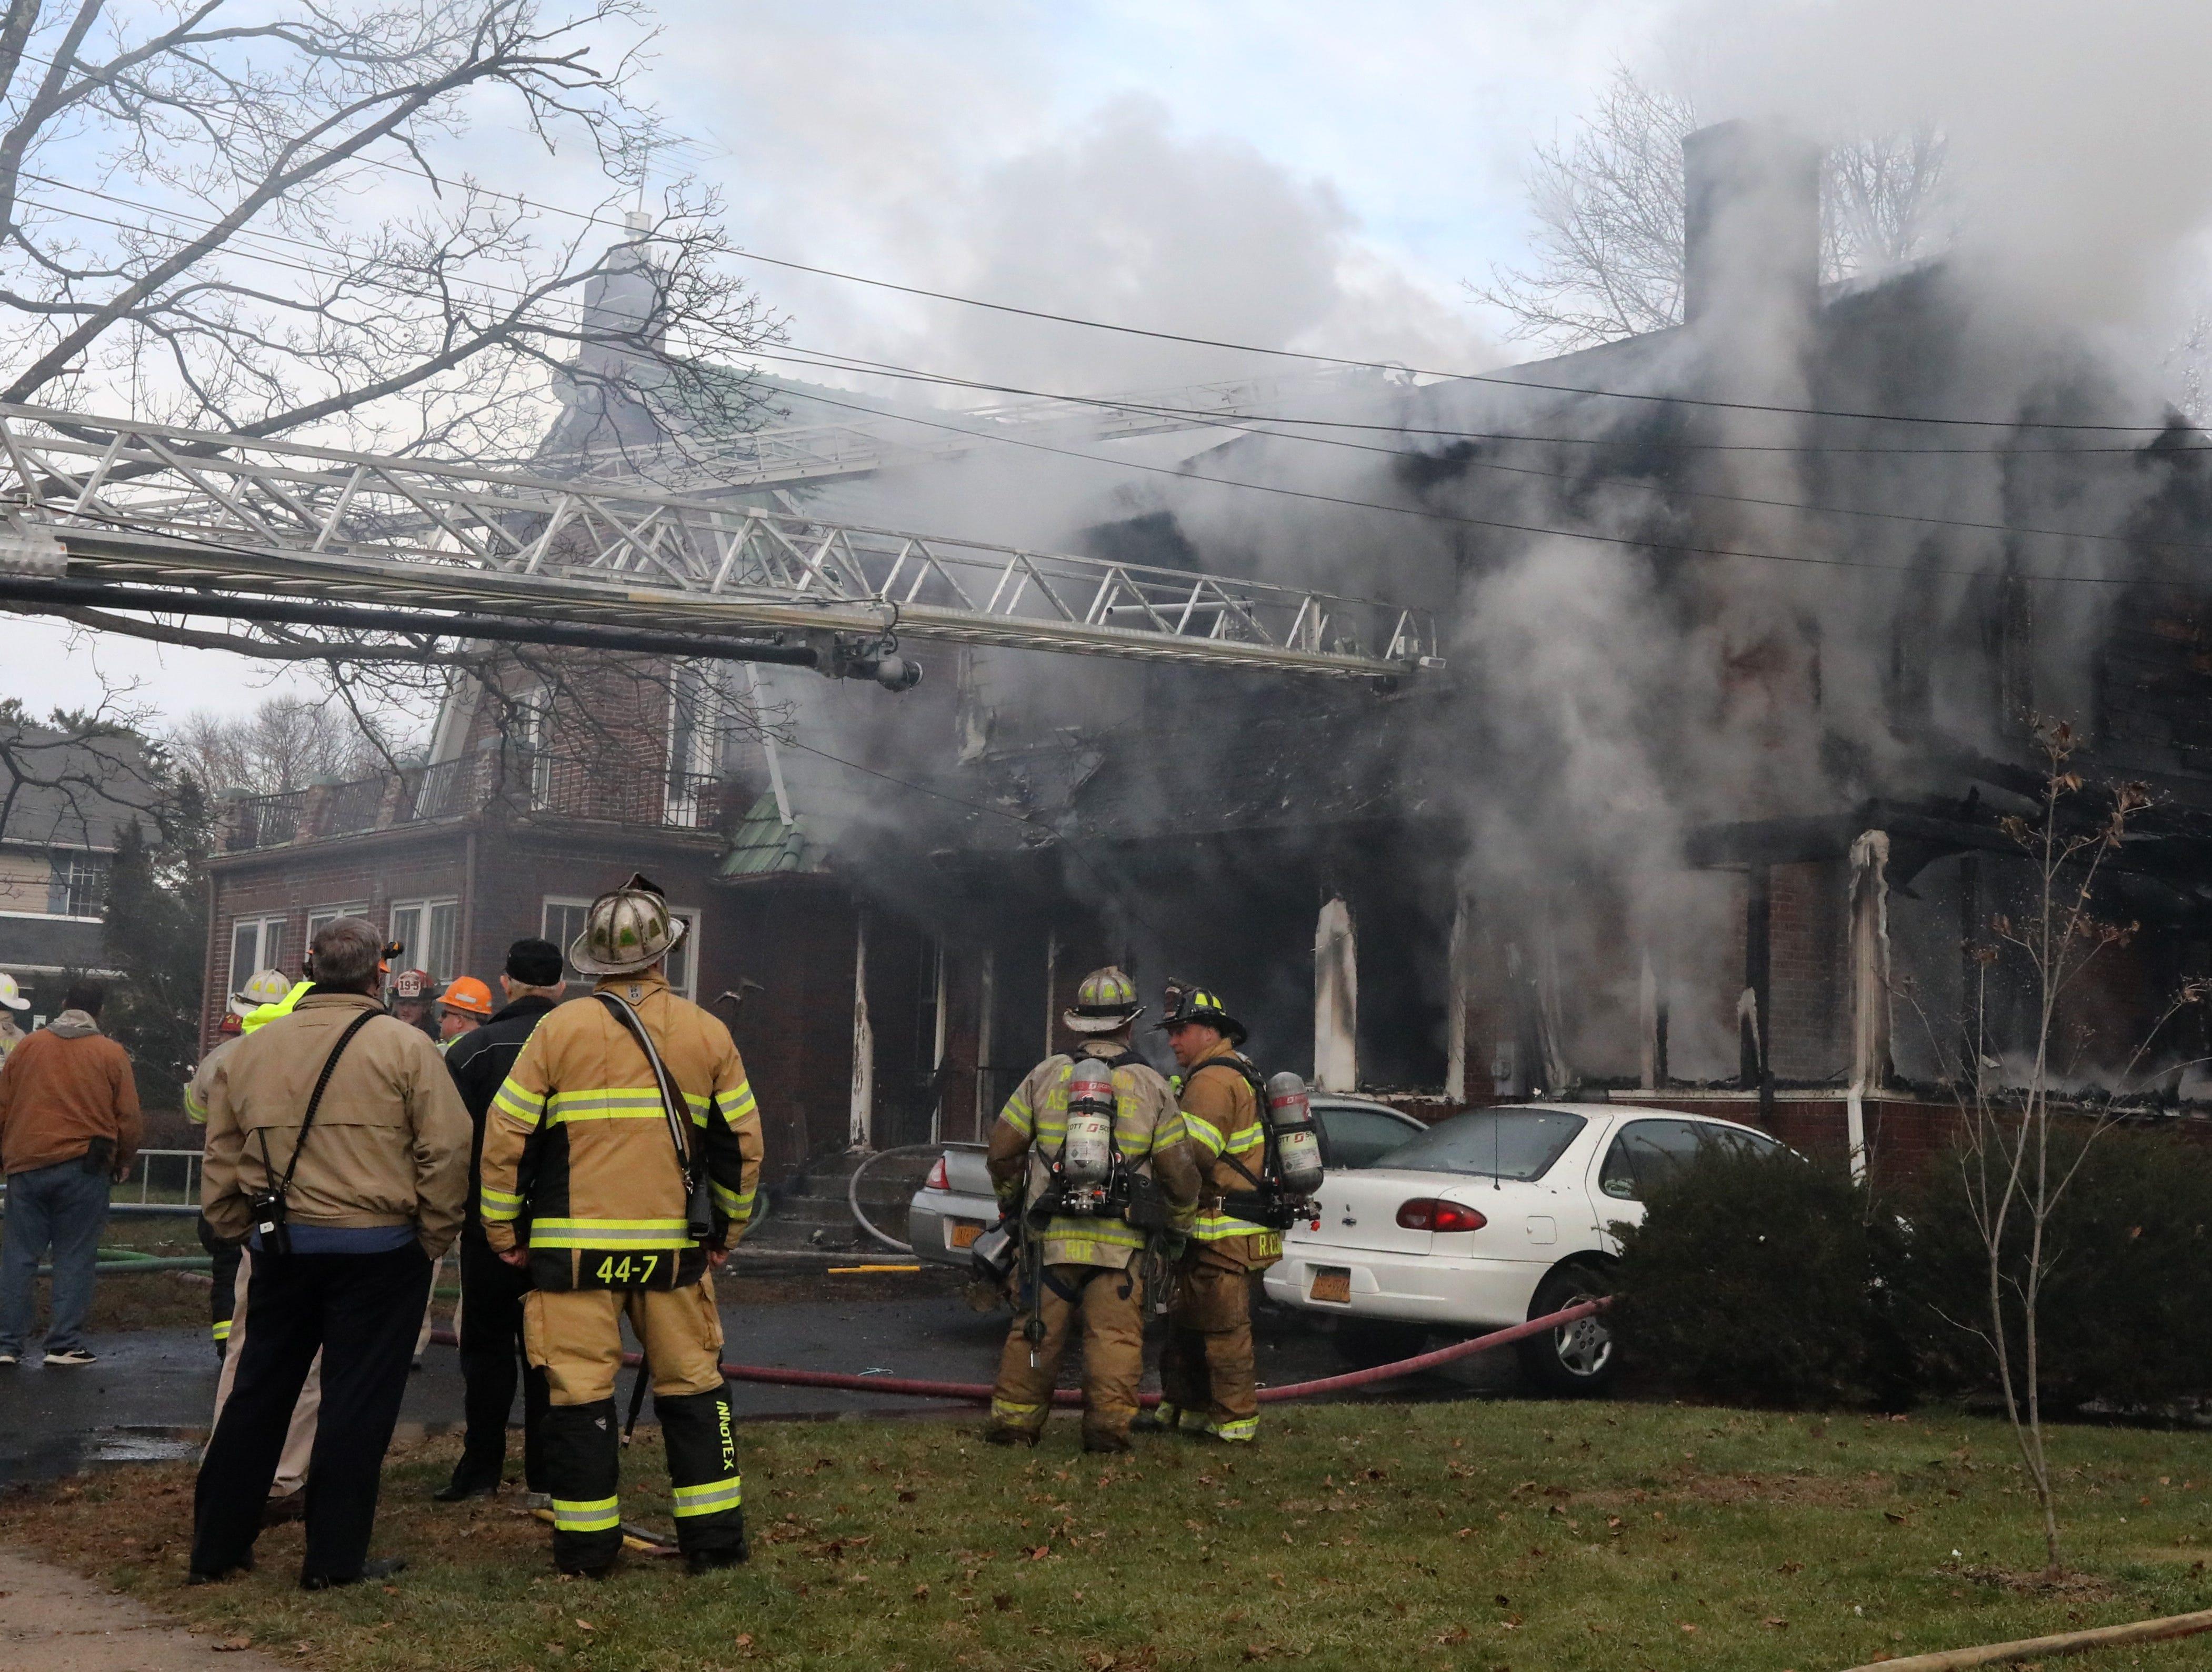 Firefighters battle a smokey fire on Washington Ave. in Suffern Dec. 5, 2018.